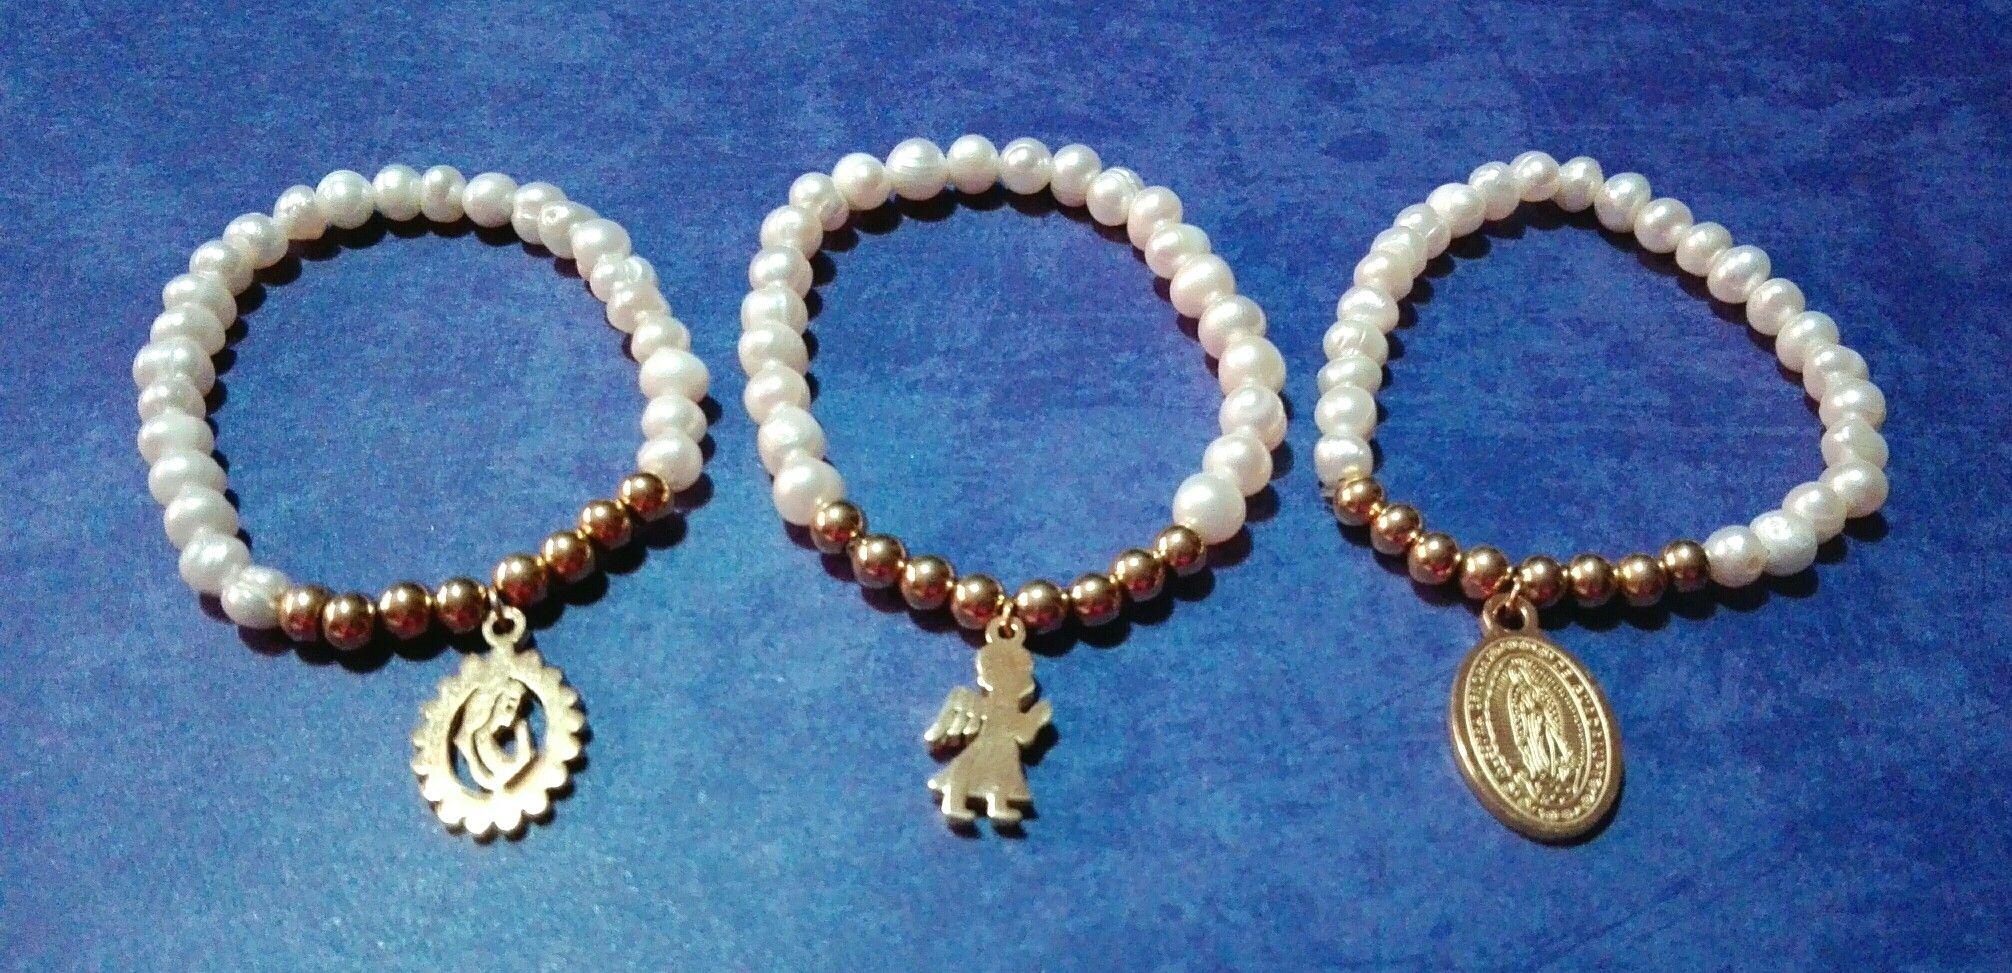 Pulseras con perlas de río y billas y dije de acero, Virgen, Ángel y Virgen de guadalupe. (Para muñeca delgada)